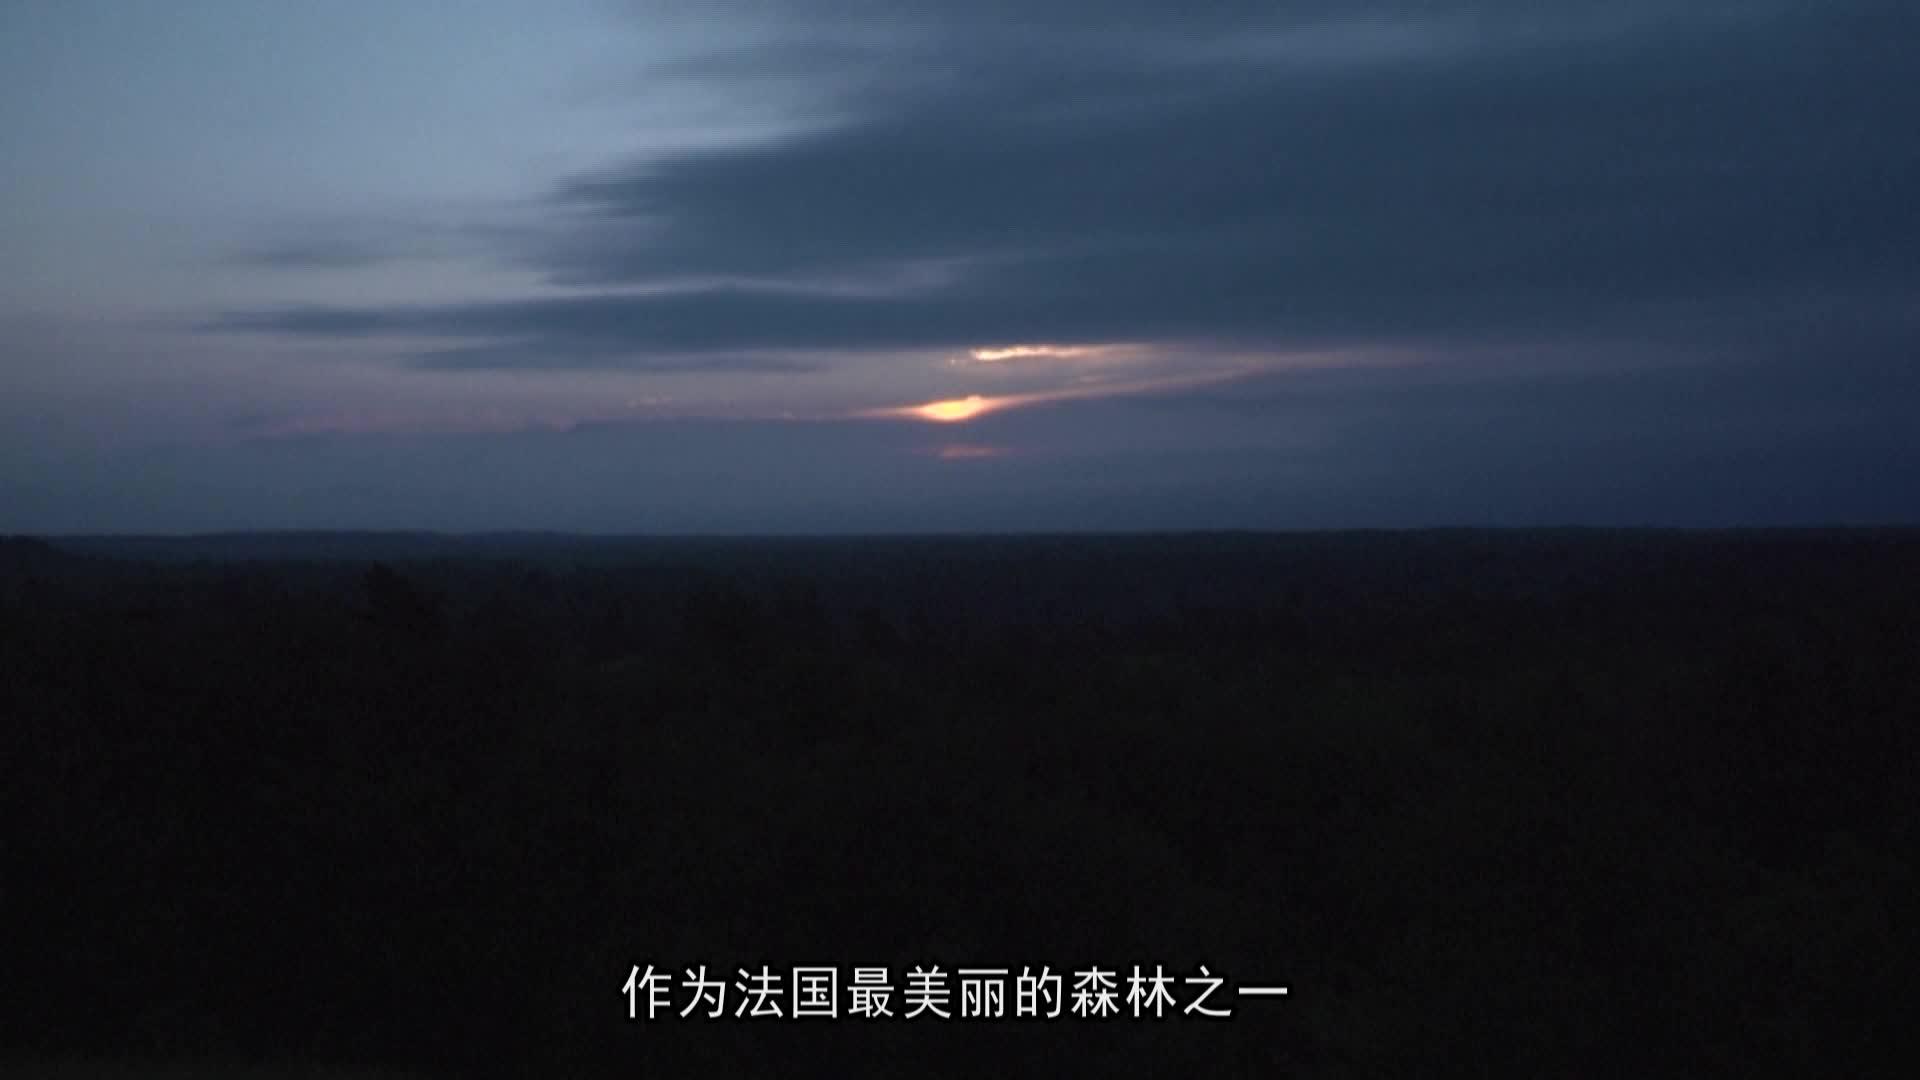 法国枫丹白露森林隐藏史前宝藏